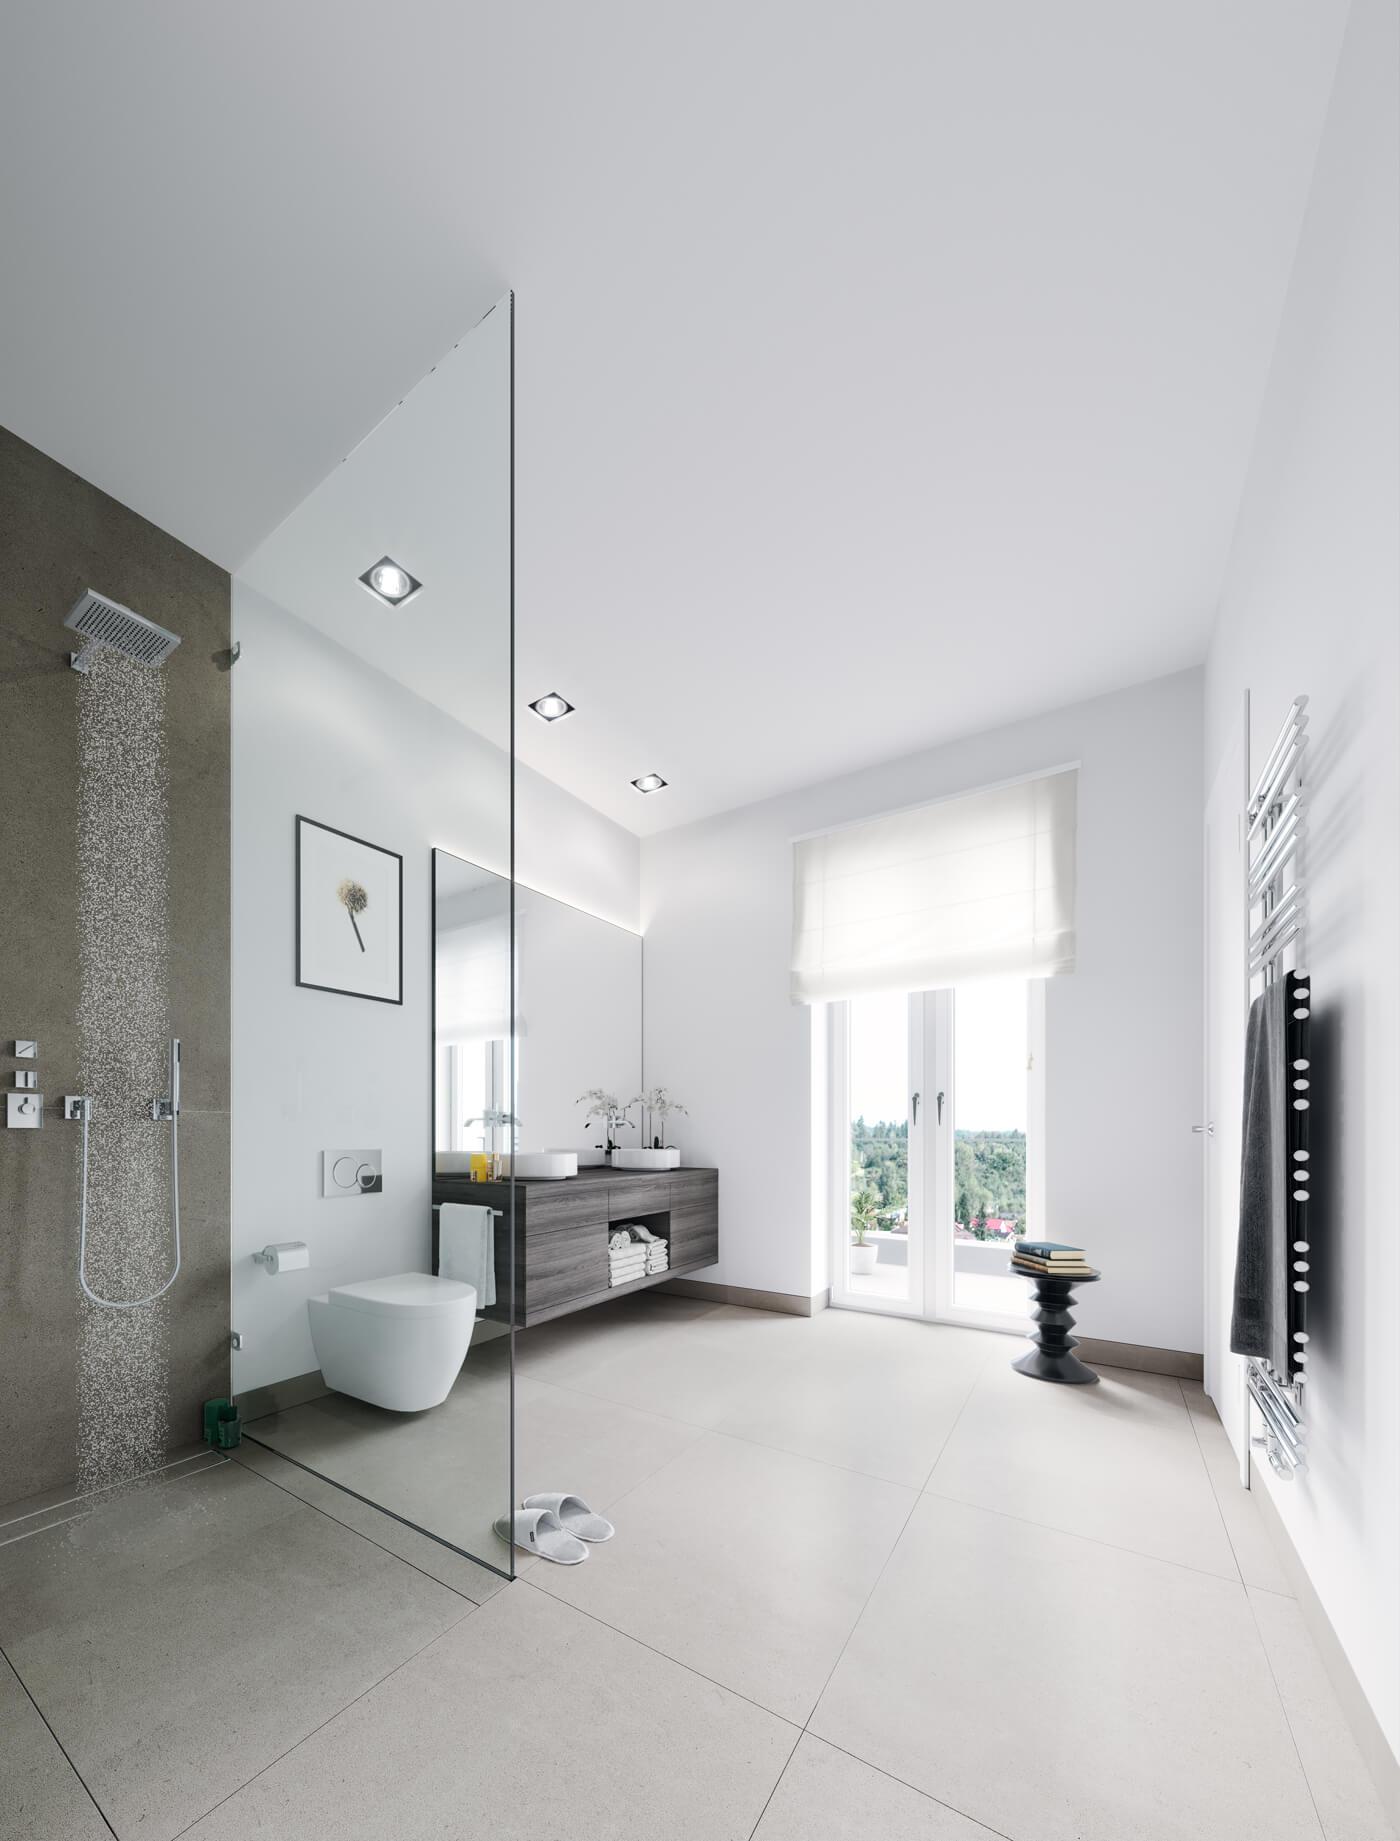 3d visualisierung der eigentumswohnungen render vision. Black Bedroom Furniture Sets. Home Design Ideas